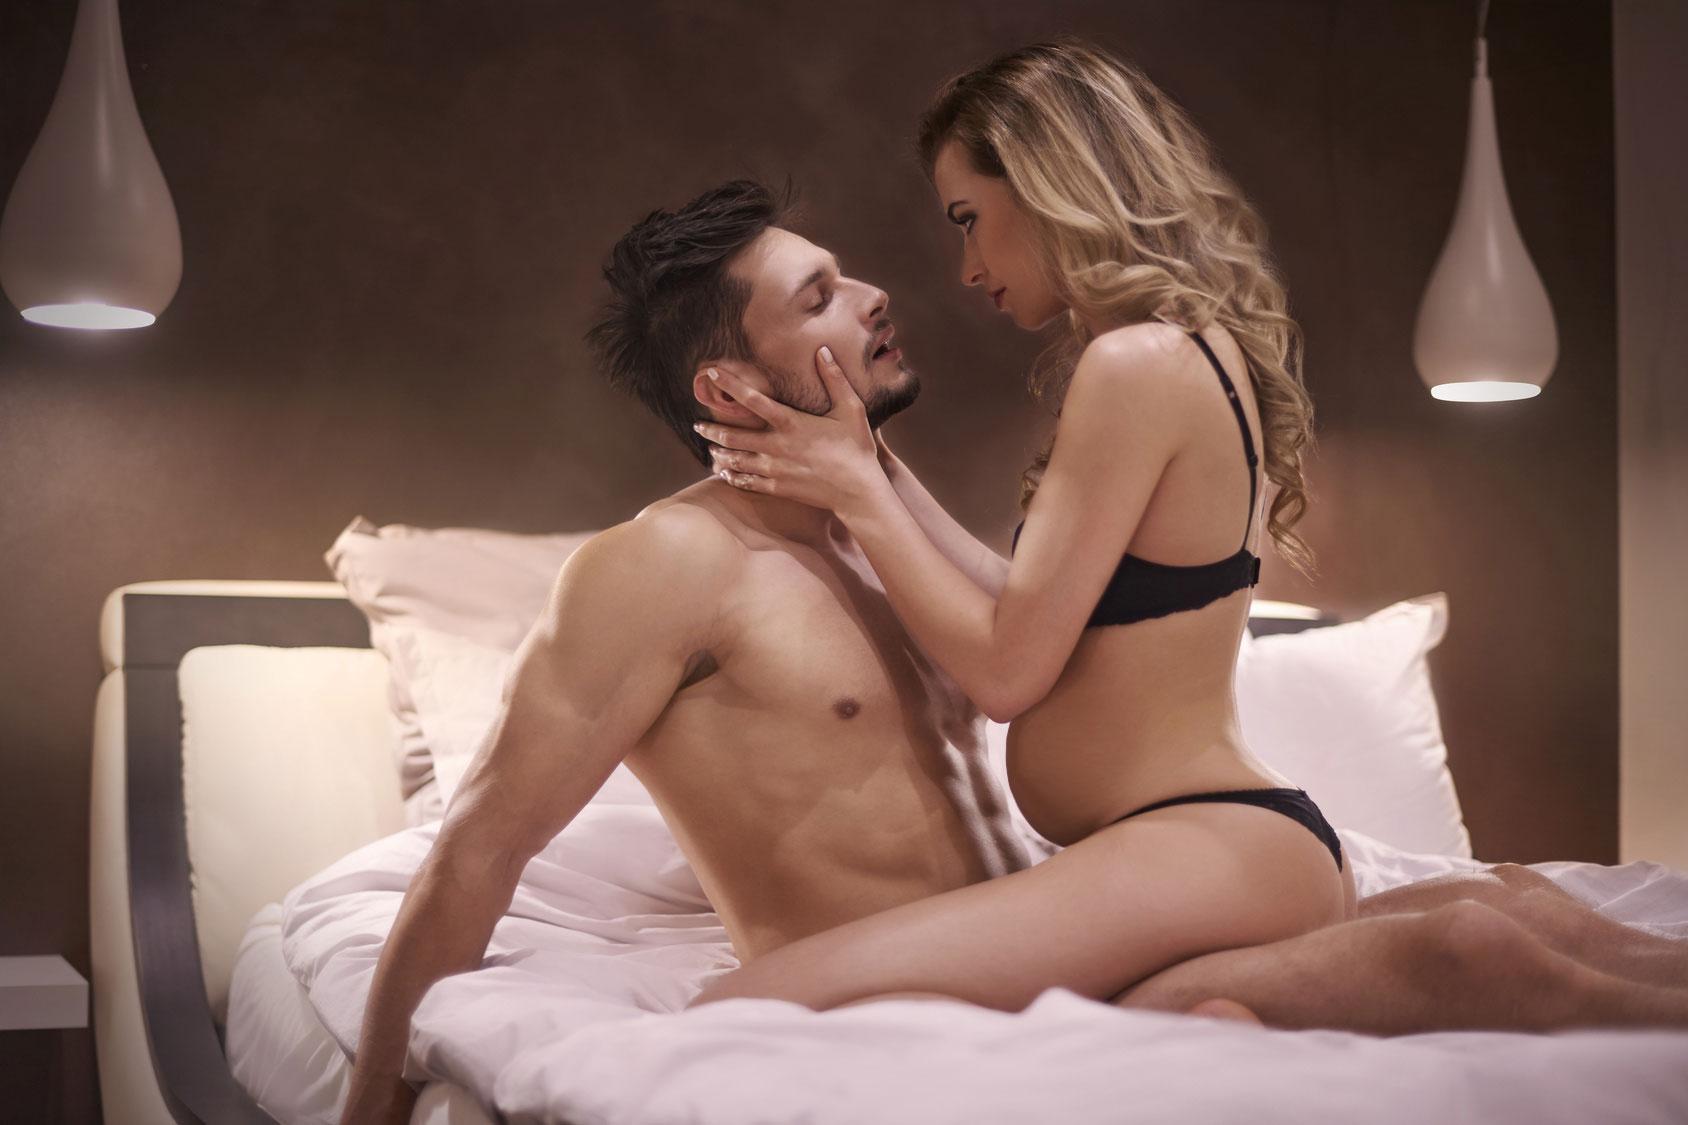 Geschlechtsverkehrs wahrend vaginal gerausche des